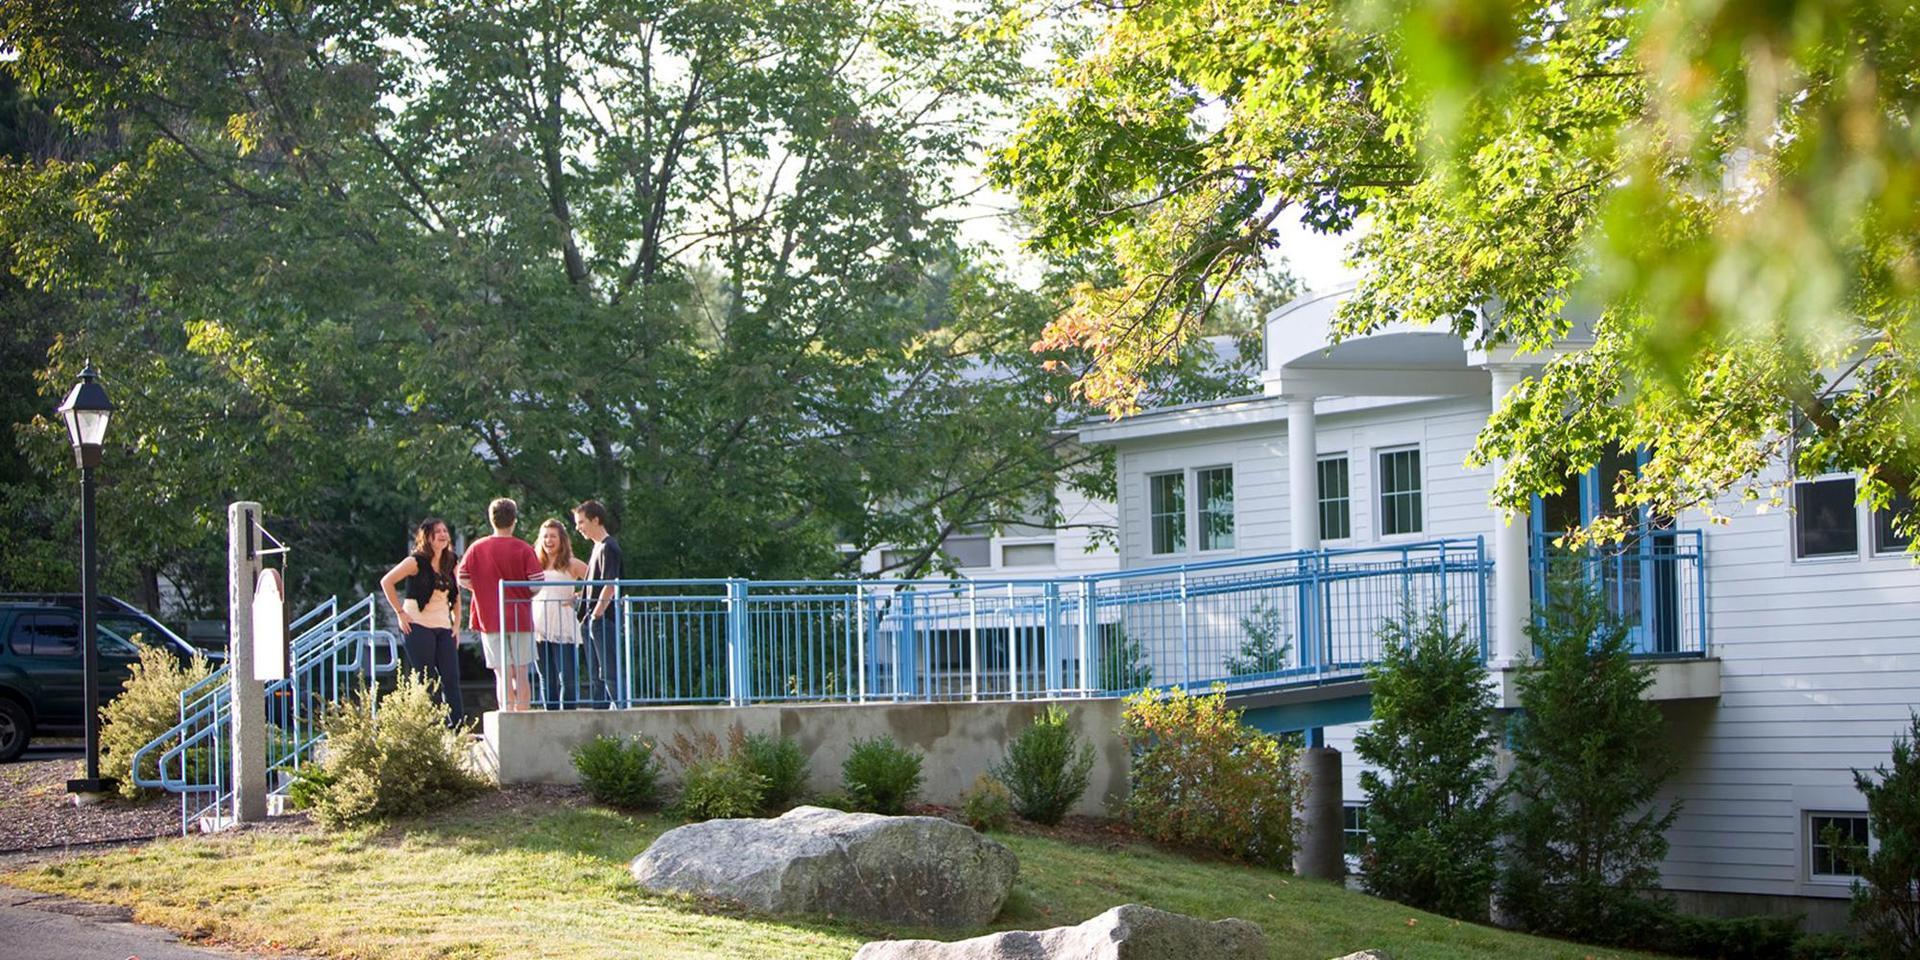 学生们在斯蒂尔科学中心外聊天.